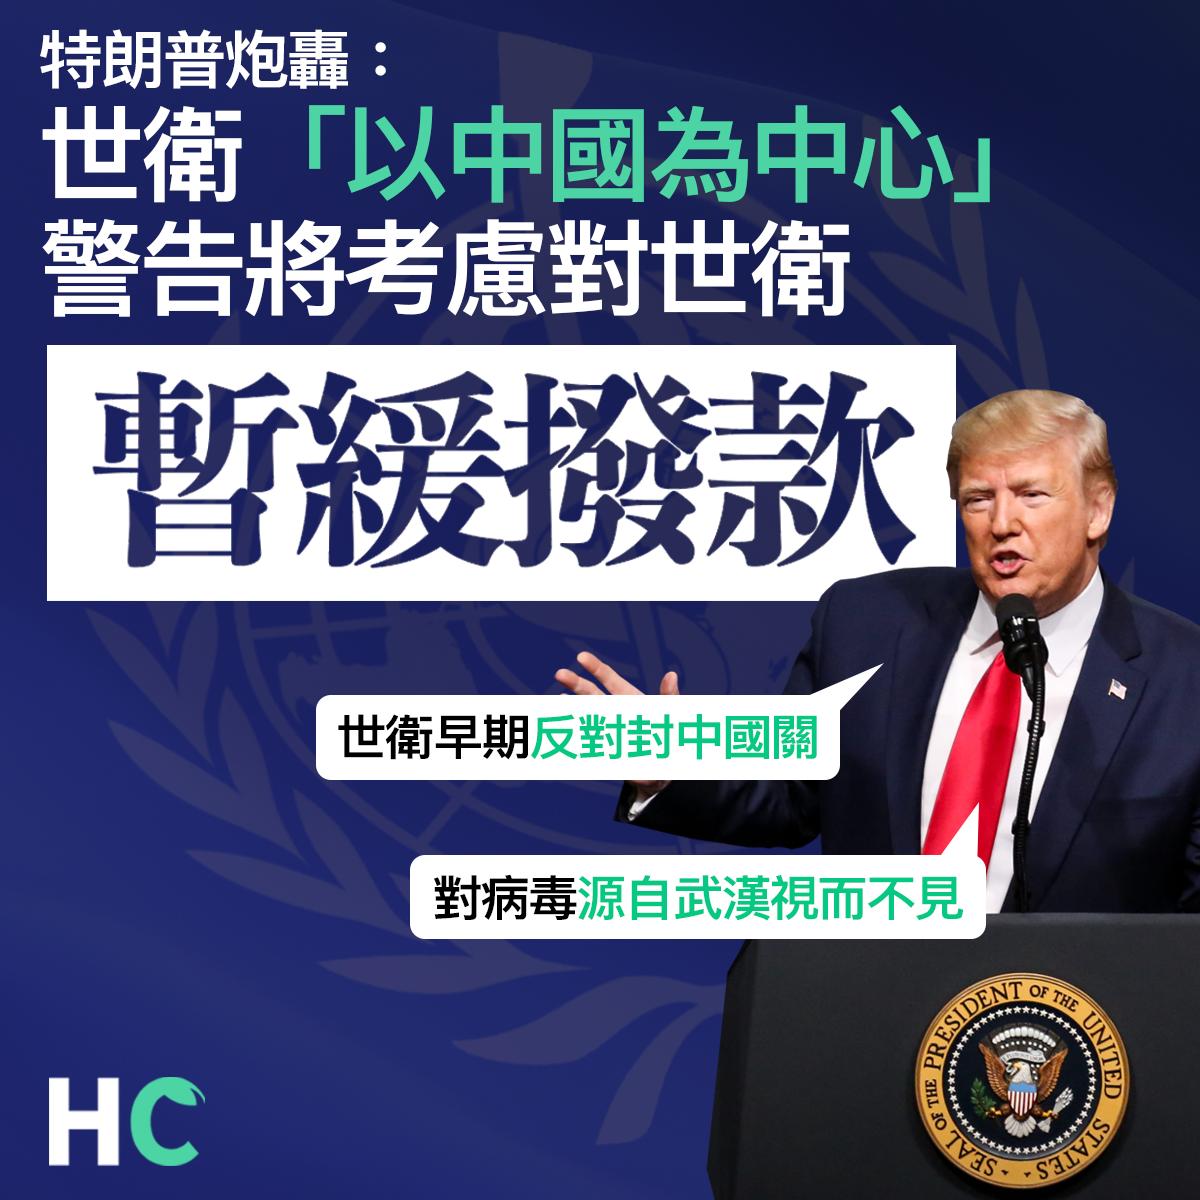 【#武漢肺炎】特朗普炮轟:世衛「以中國為中心」 警告將考慮對世衛暫緩撥款